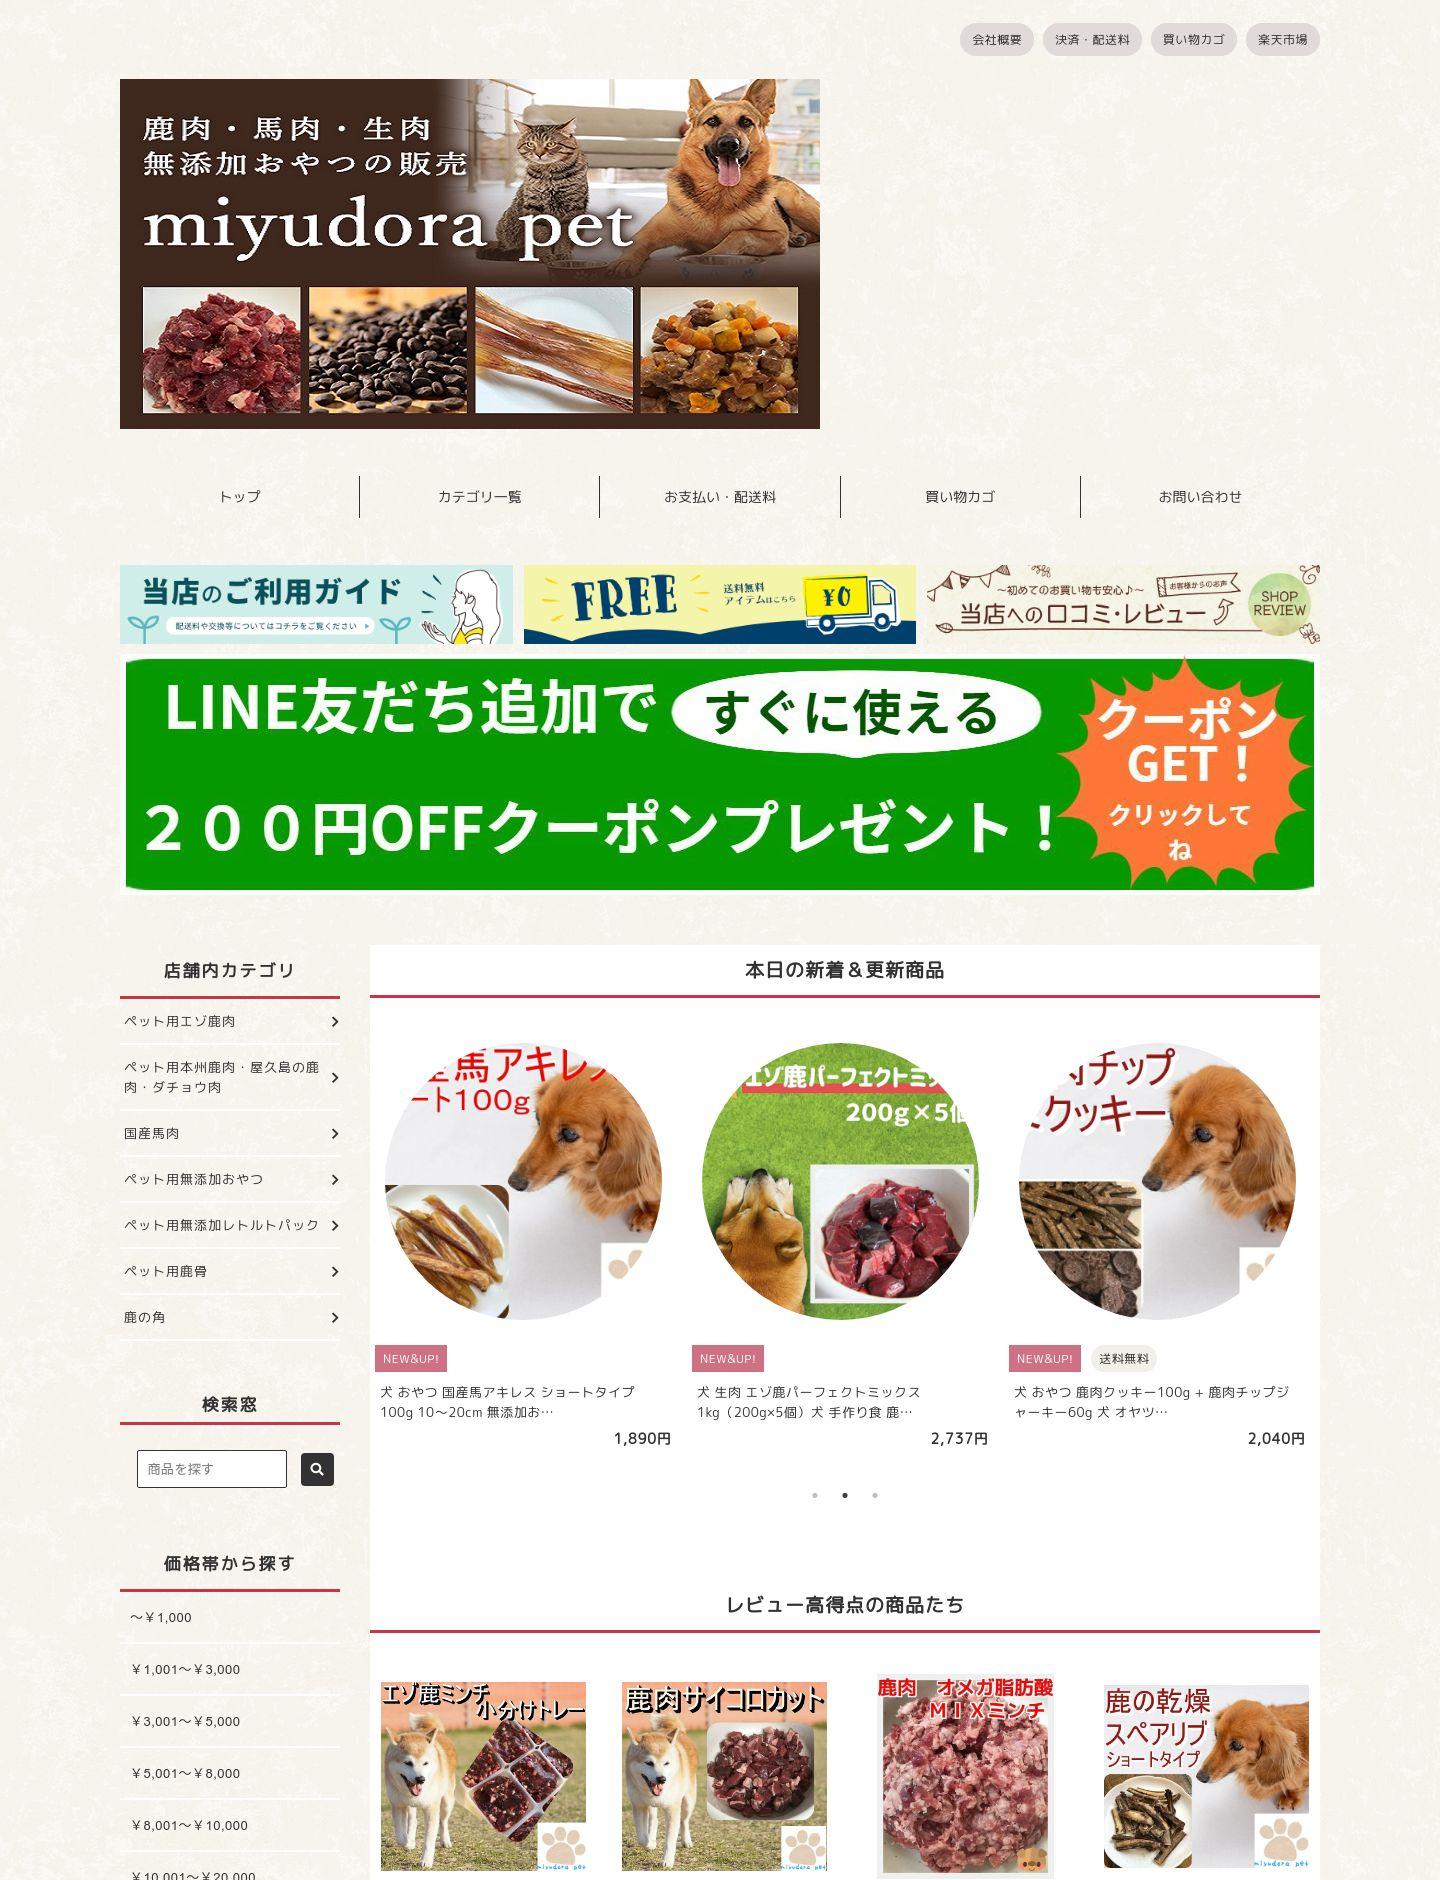 犬のおやつ 生肉 miyudora pet様 サイト画像